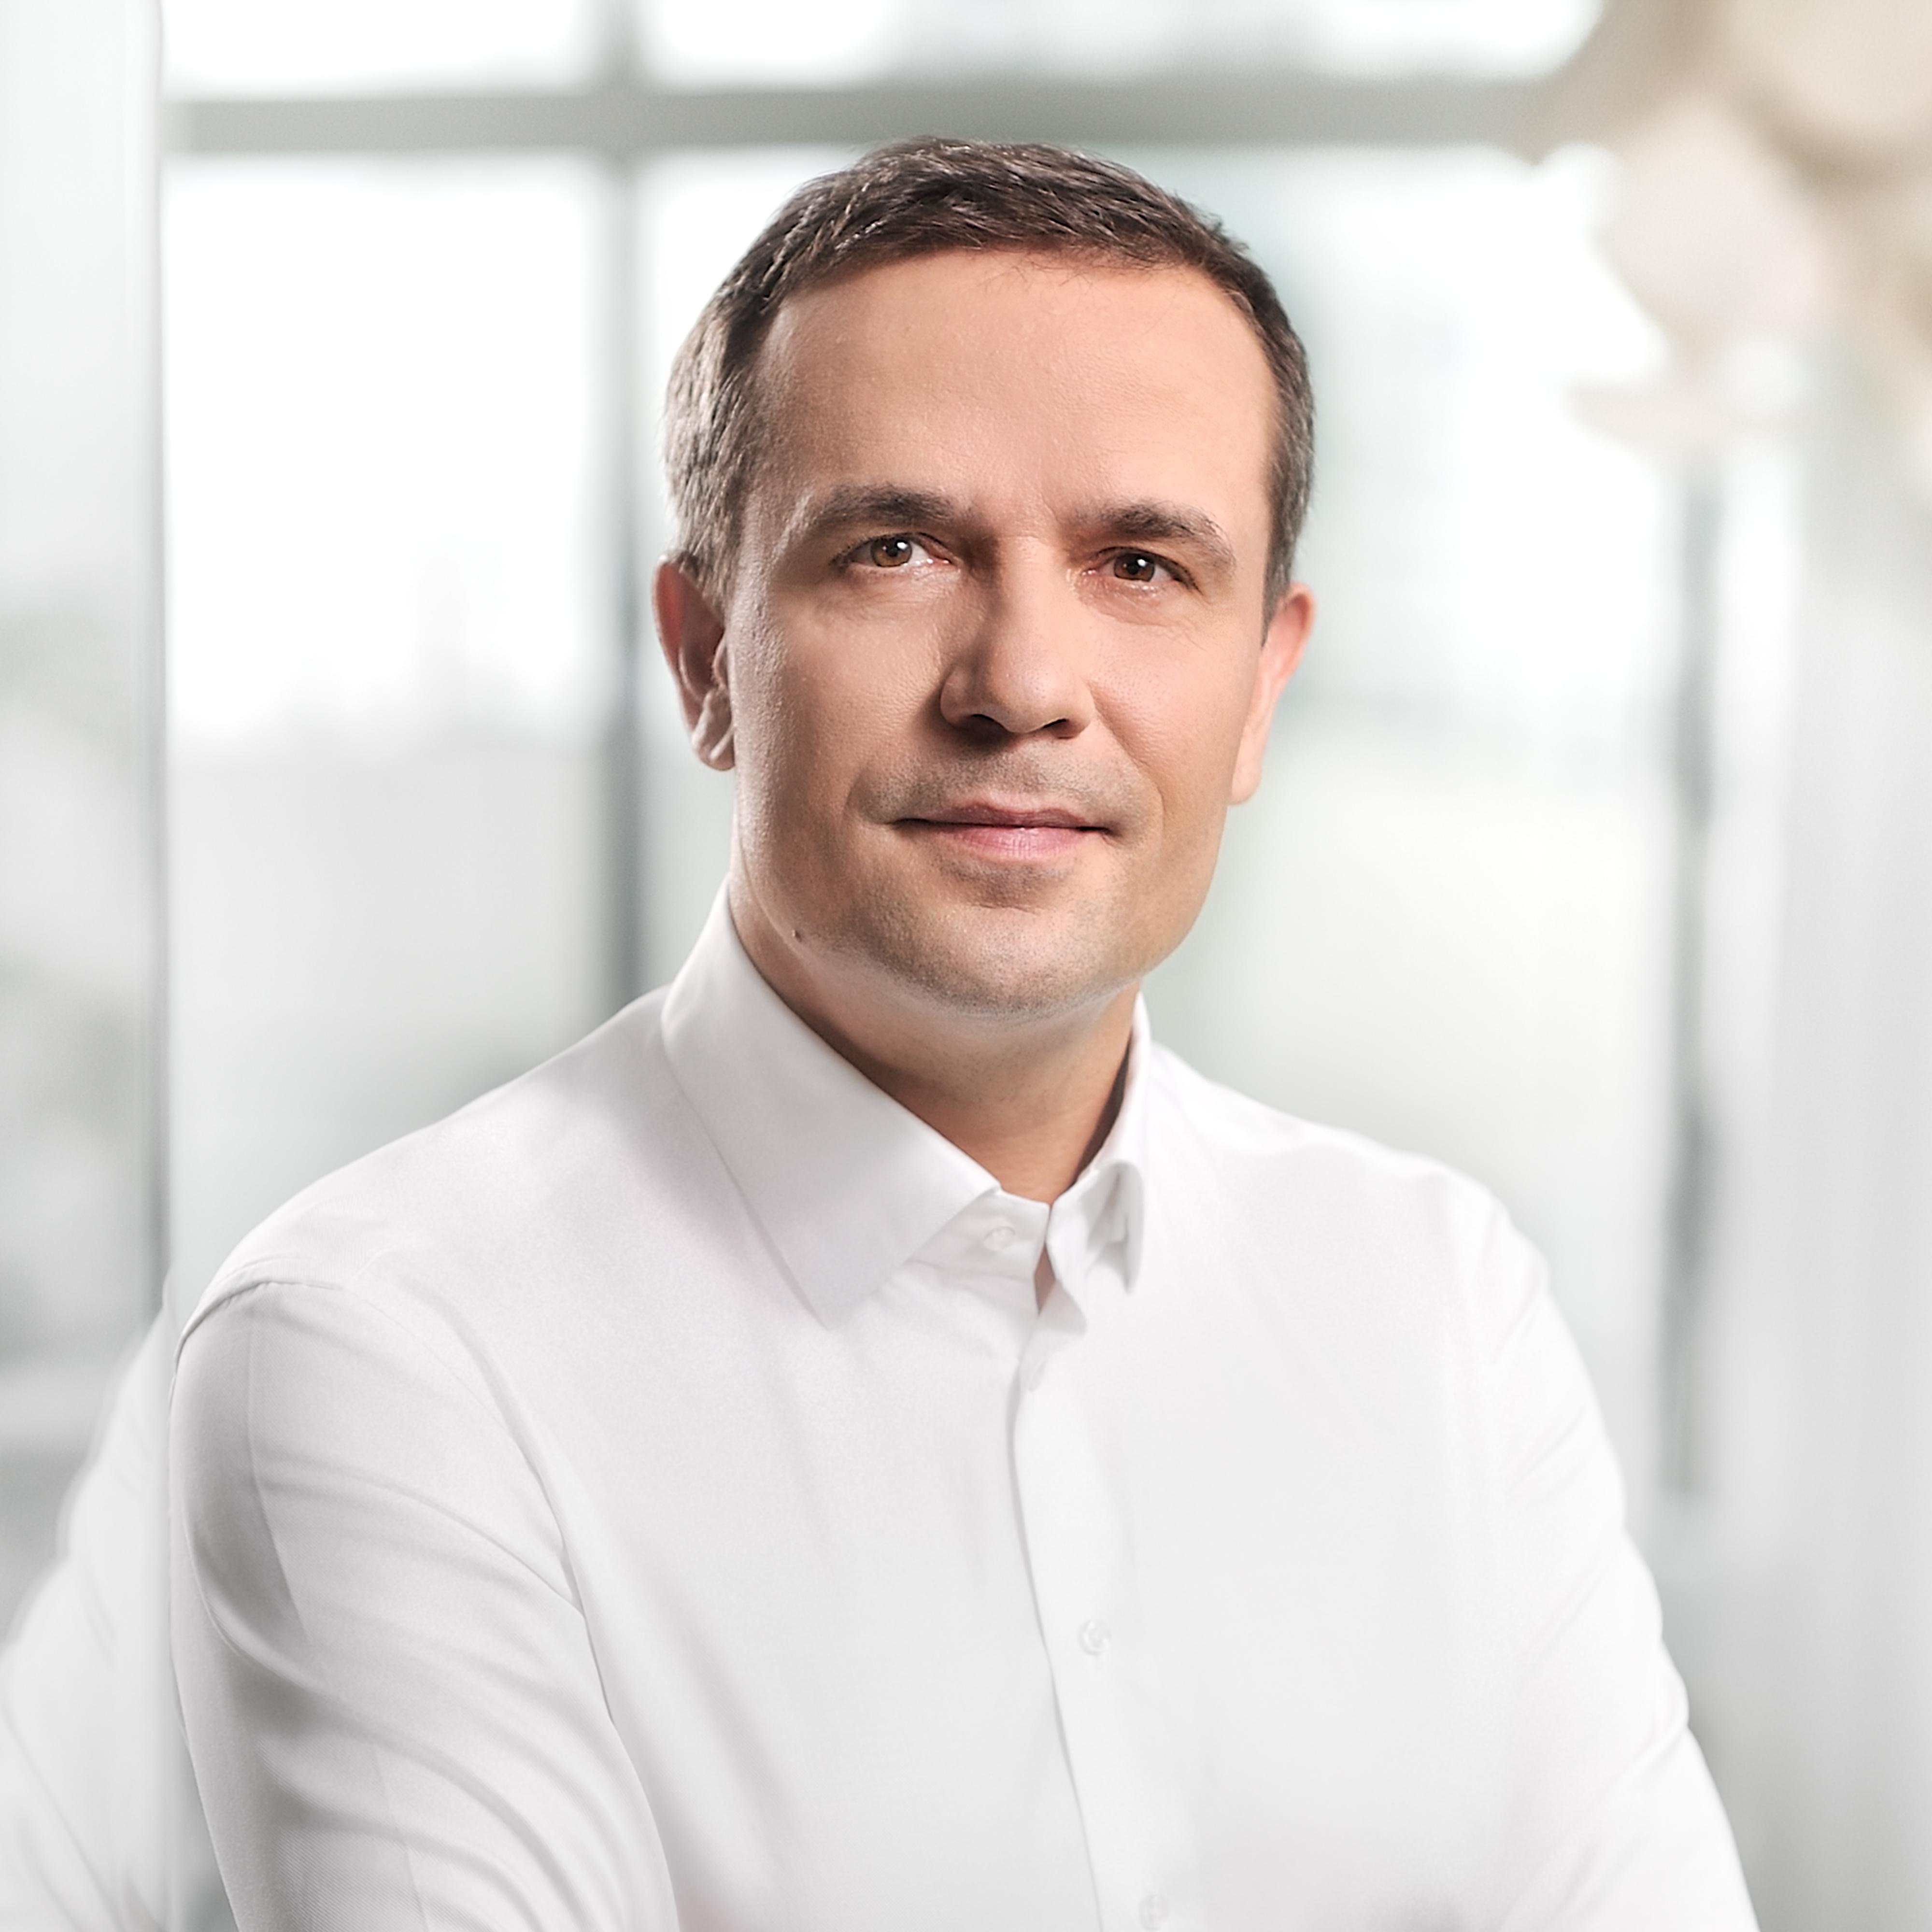 Codzienna praca, interakcje z zespołem w biurze są potrzebne i planujemy powrót do pracy w biurach, kiedy tylko będzie to bezpieczne - mówi Damian Zapłata. Fot. mat. pras.